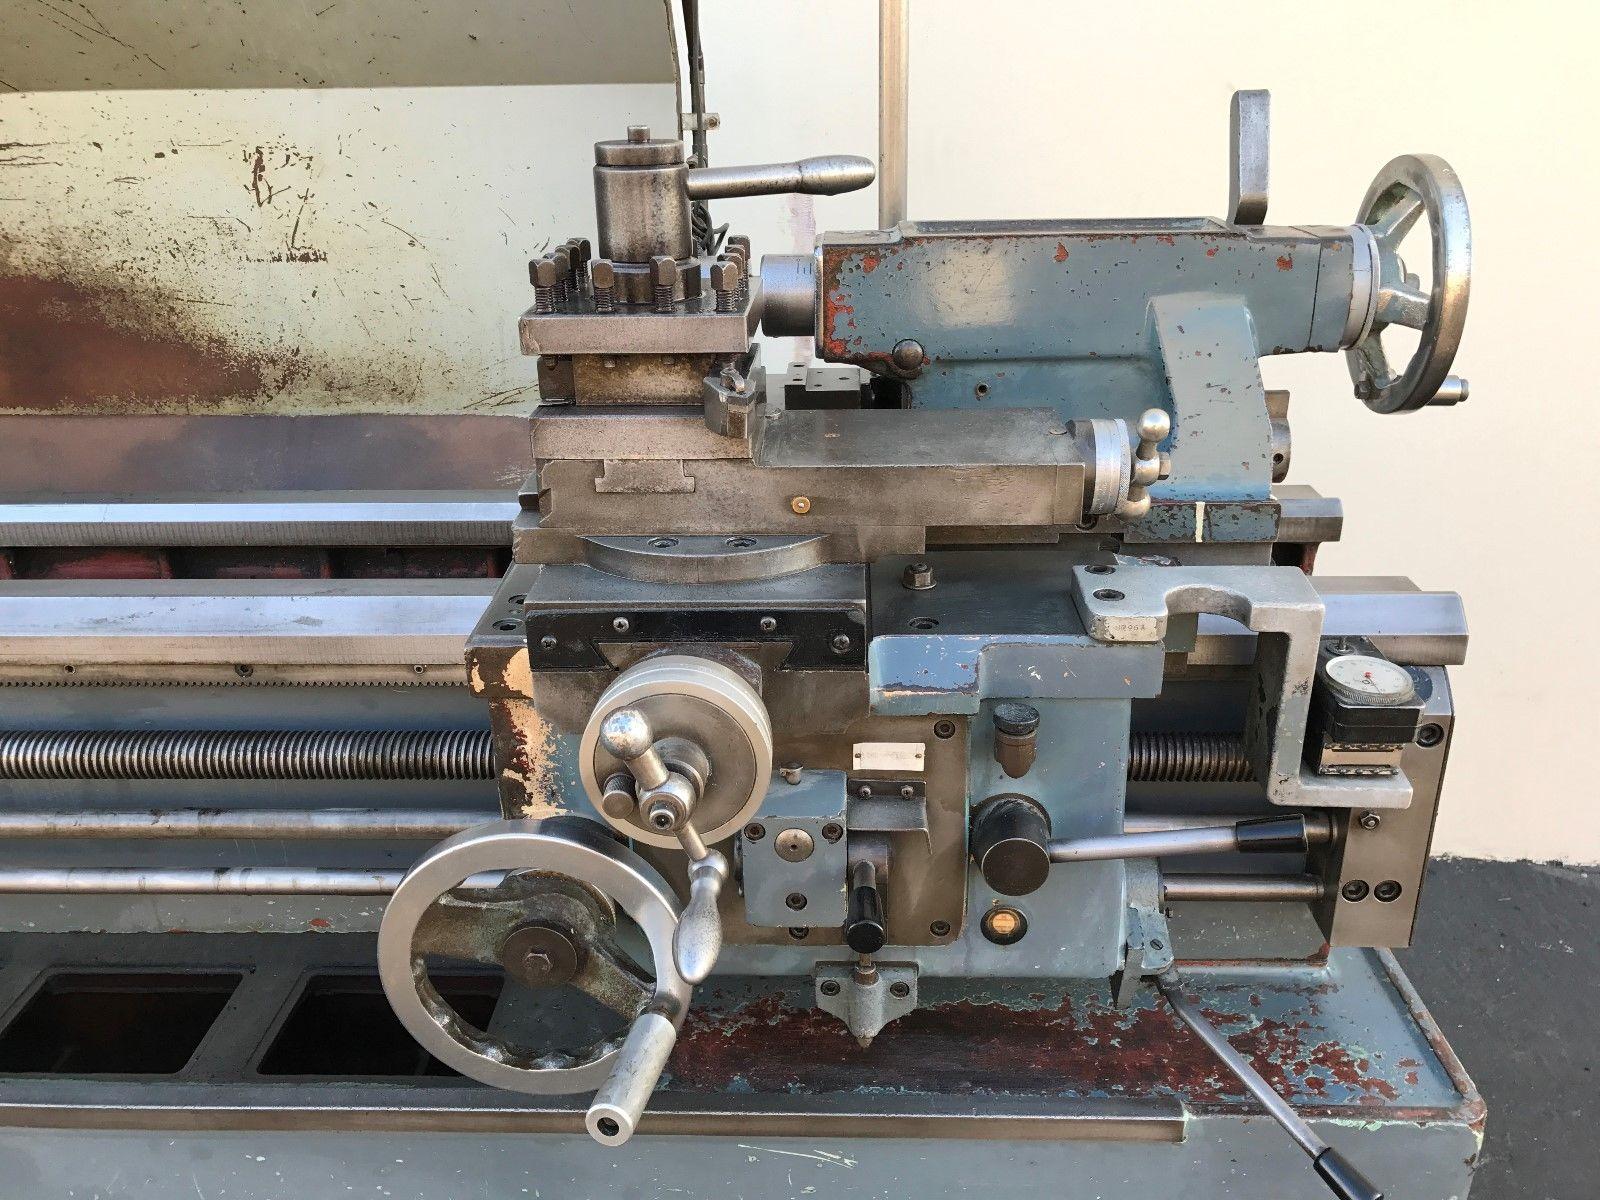 hwacheon hl  gap bed geared head engine lathe machinestation